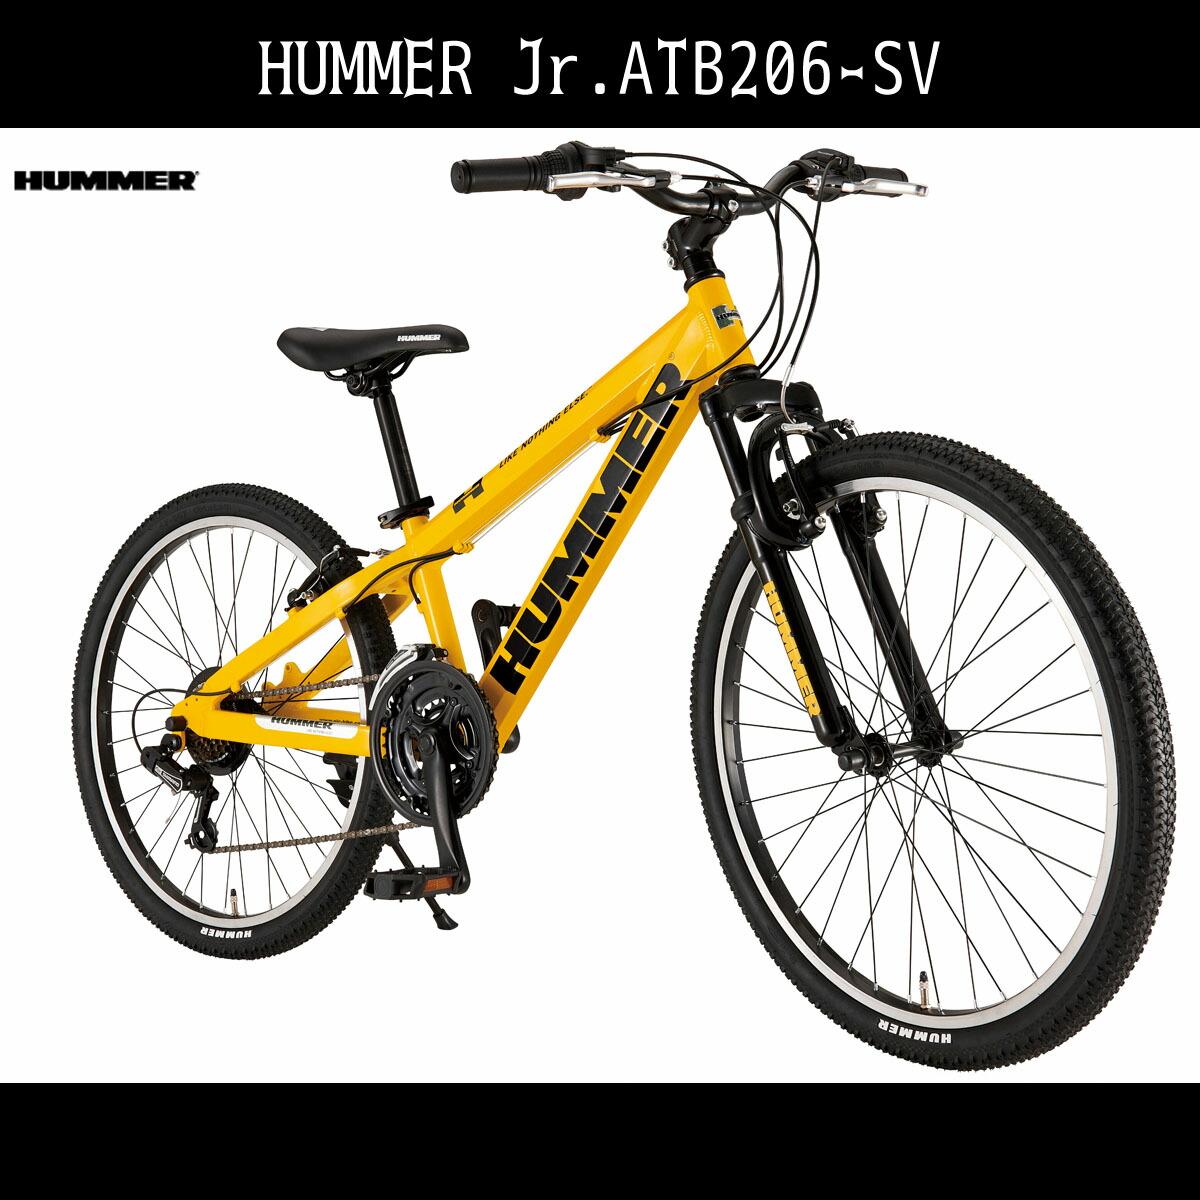 子供用 マウンテンバイク ハマー HUMMER 自転車 子ども用 自転車 イエロー/黄色20インチ 自転車 外装6段変速ギア アルミ ハマー 自転車 Jr.ATB206-SV アルミニウムキッズ 自転車 ジュニア